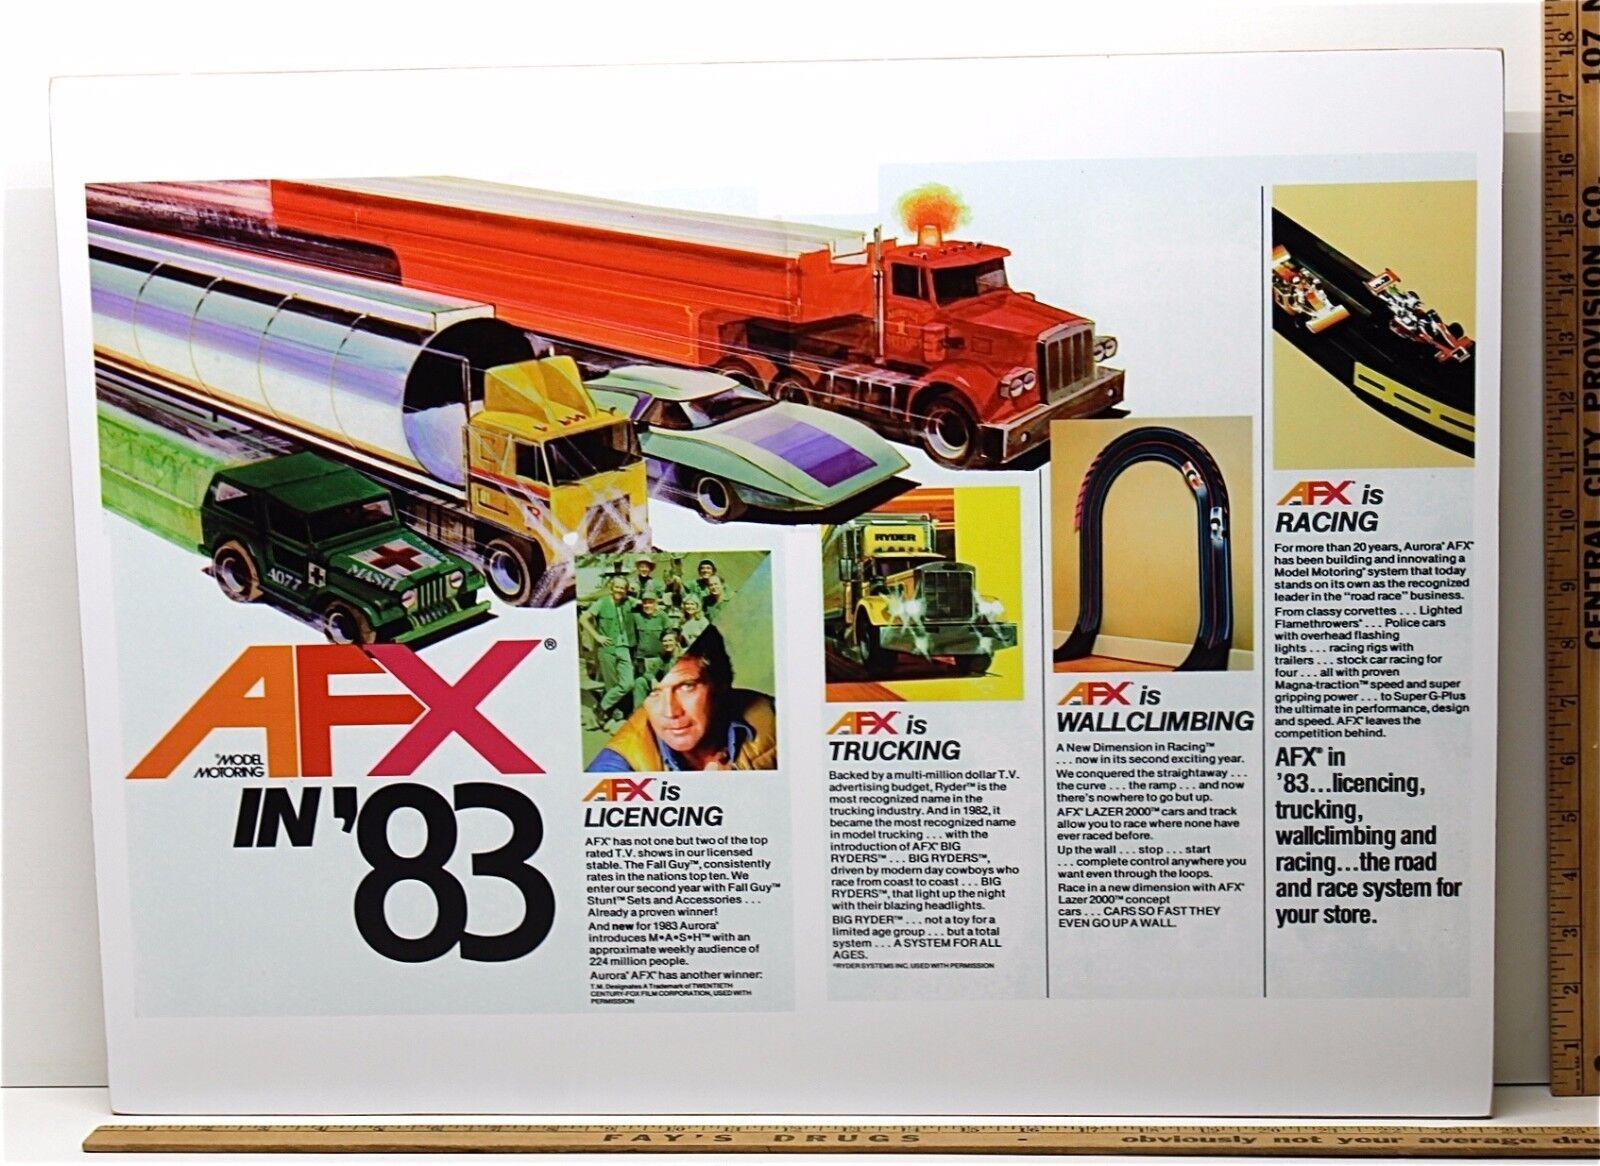 1983 Aurora AFX HO Slot bil konst Work Mans Room TV 4 -Design Bildad annonsering A